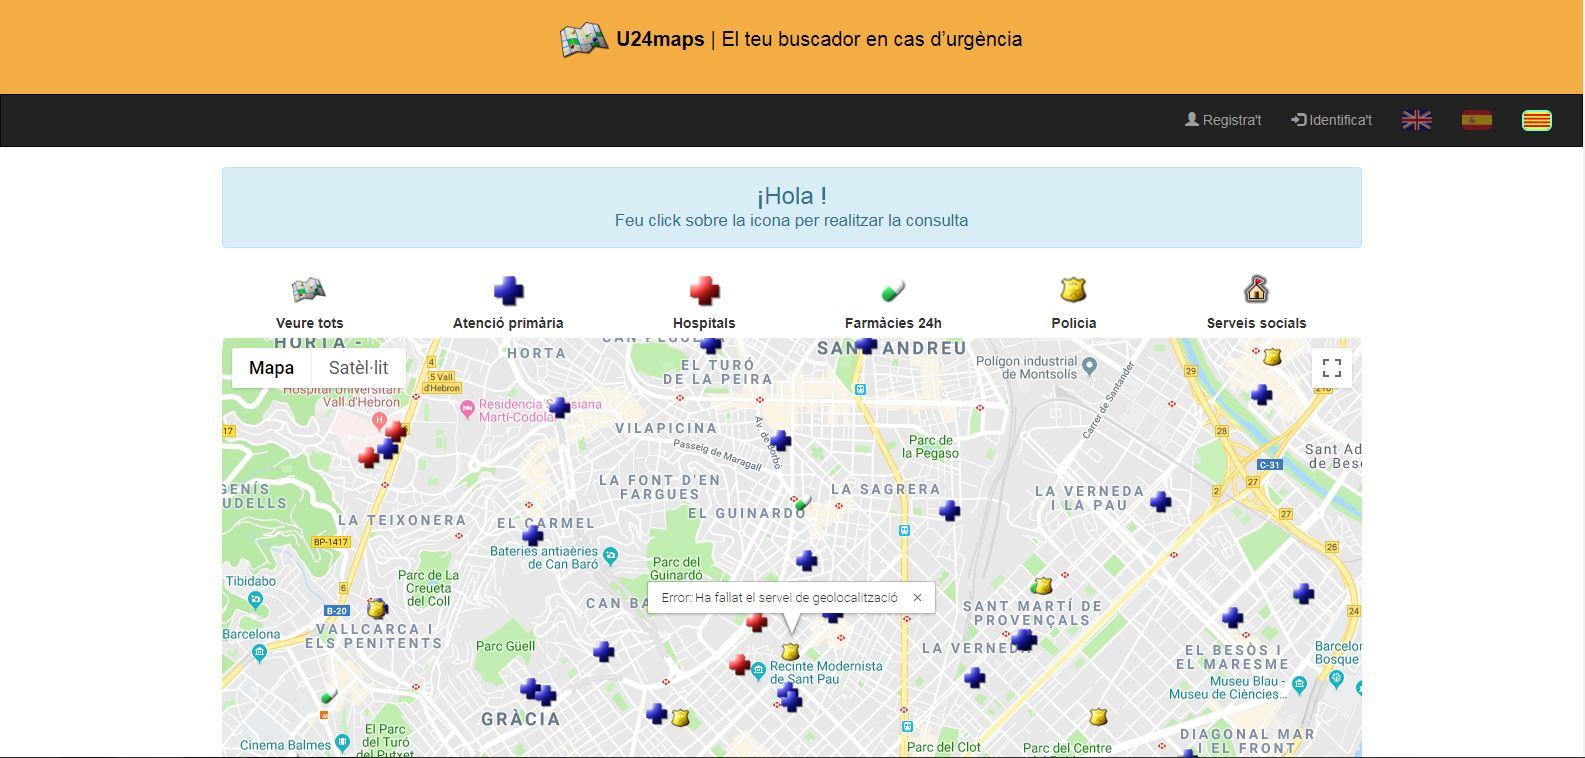 Dues infermeres de Barcelona dissenyen un buscador interactiu per localitzar serveis d'urgència